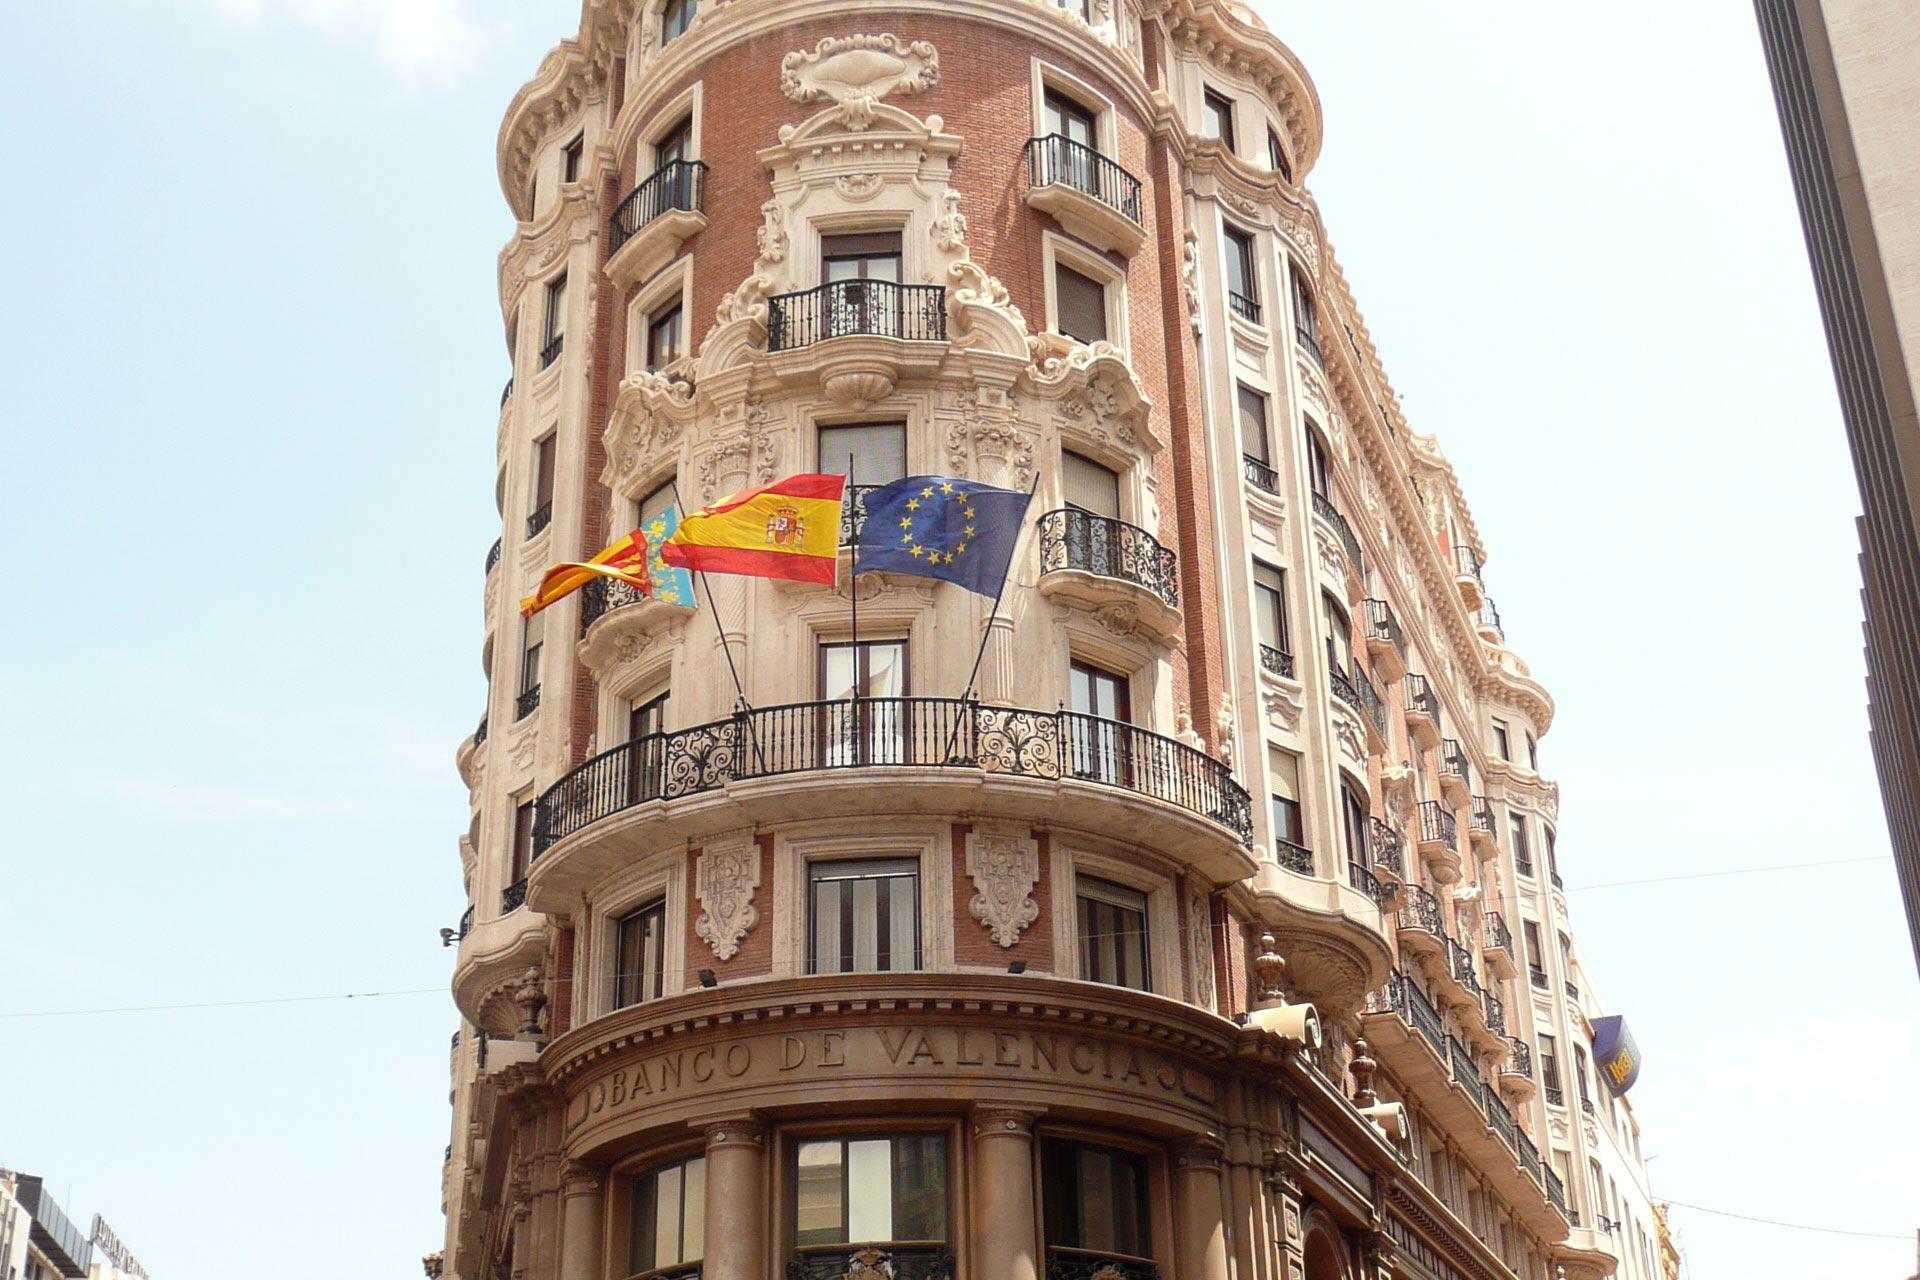 Los edificios más bonitos de Valencia. Banco de Valencia